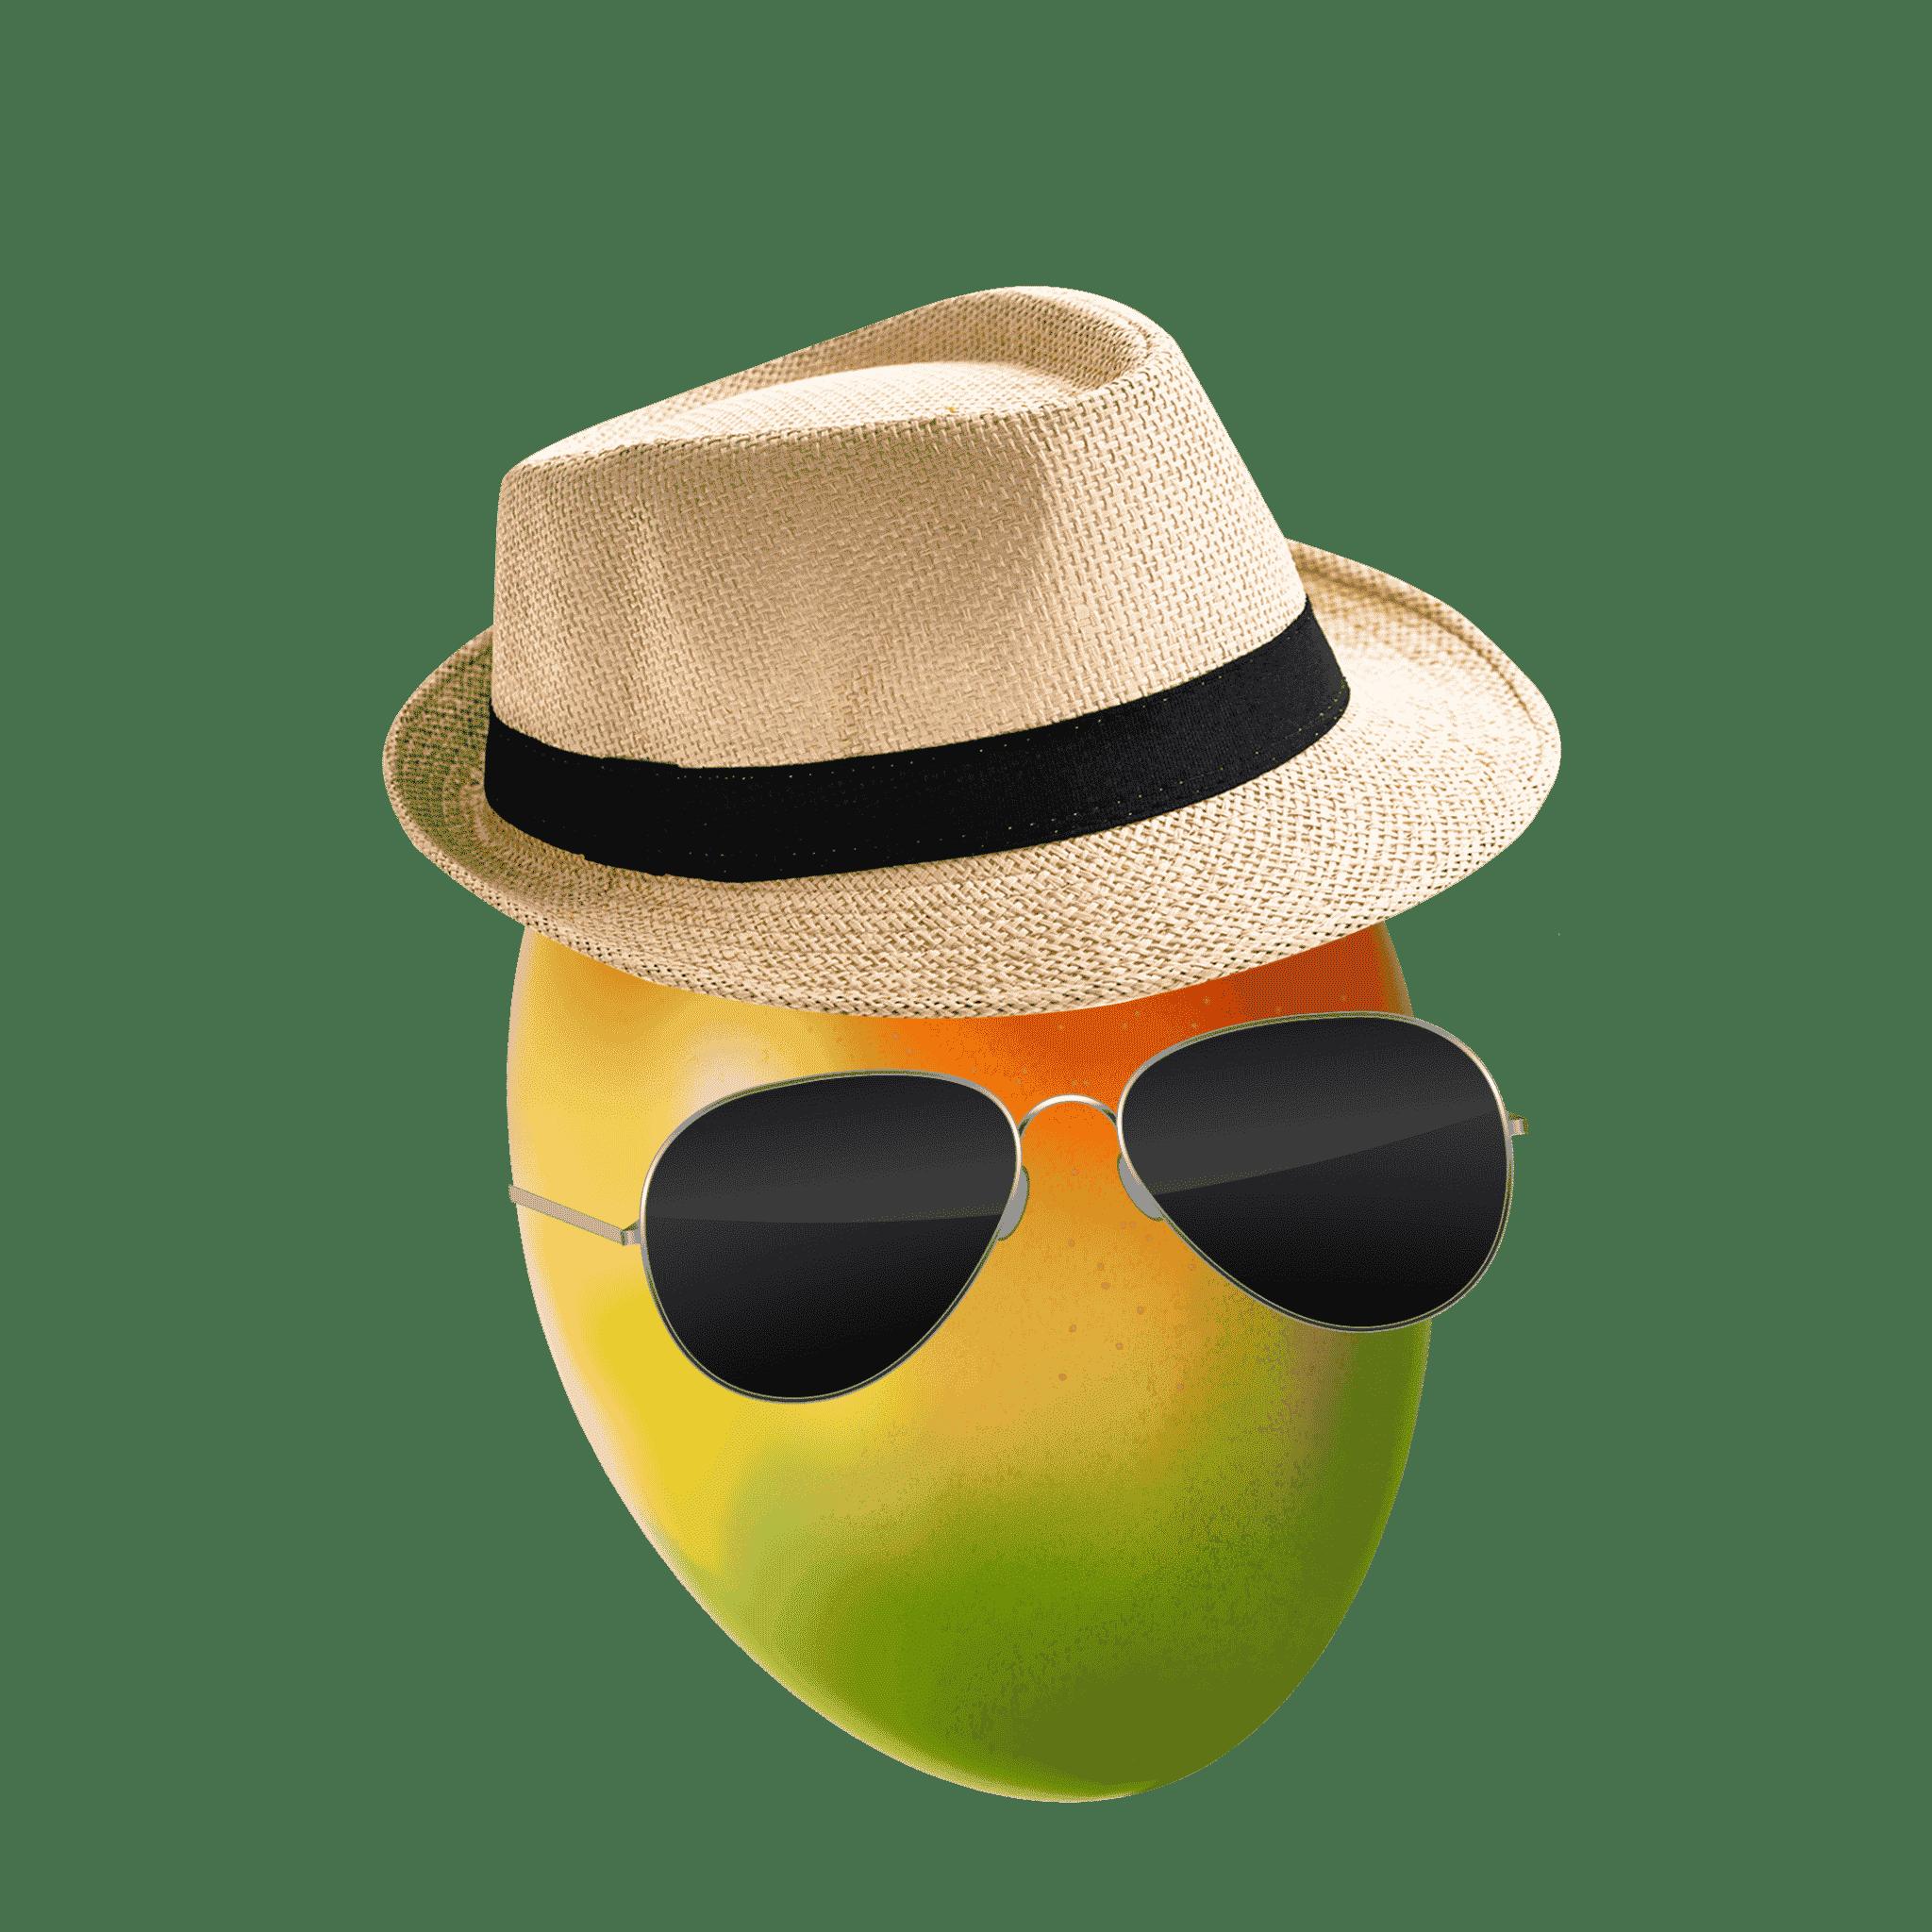 A mango wearing aviator sunglasses and a Panama hat